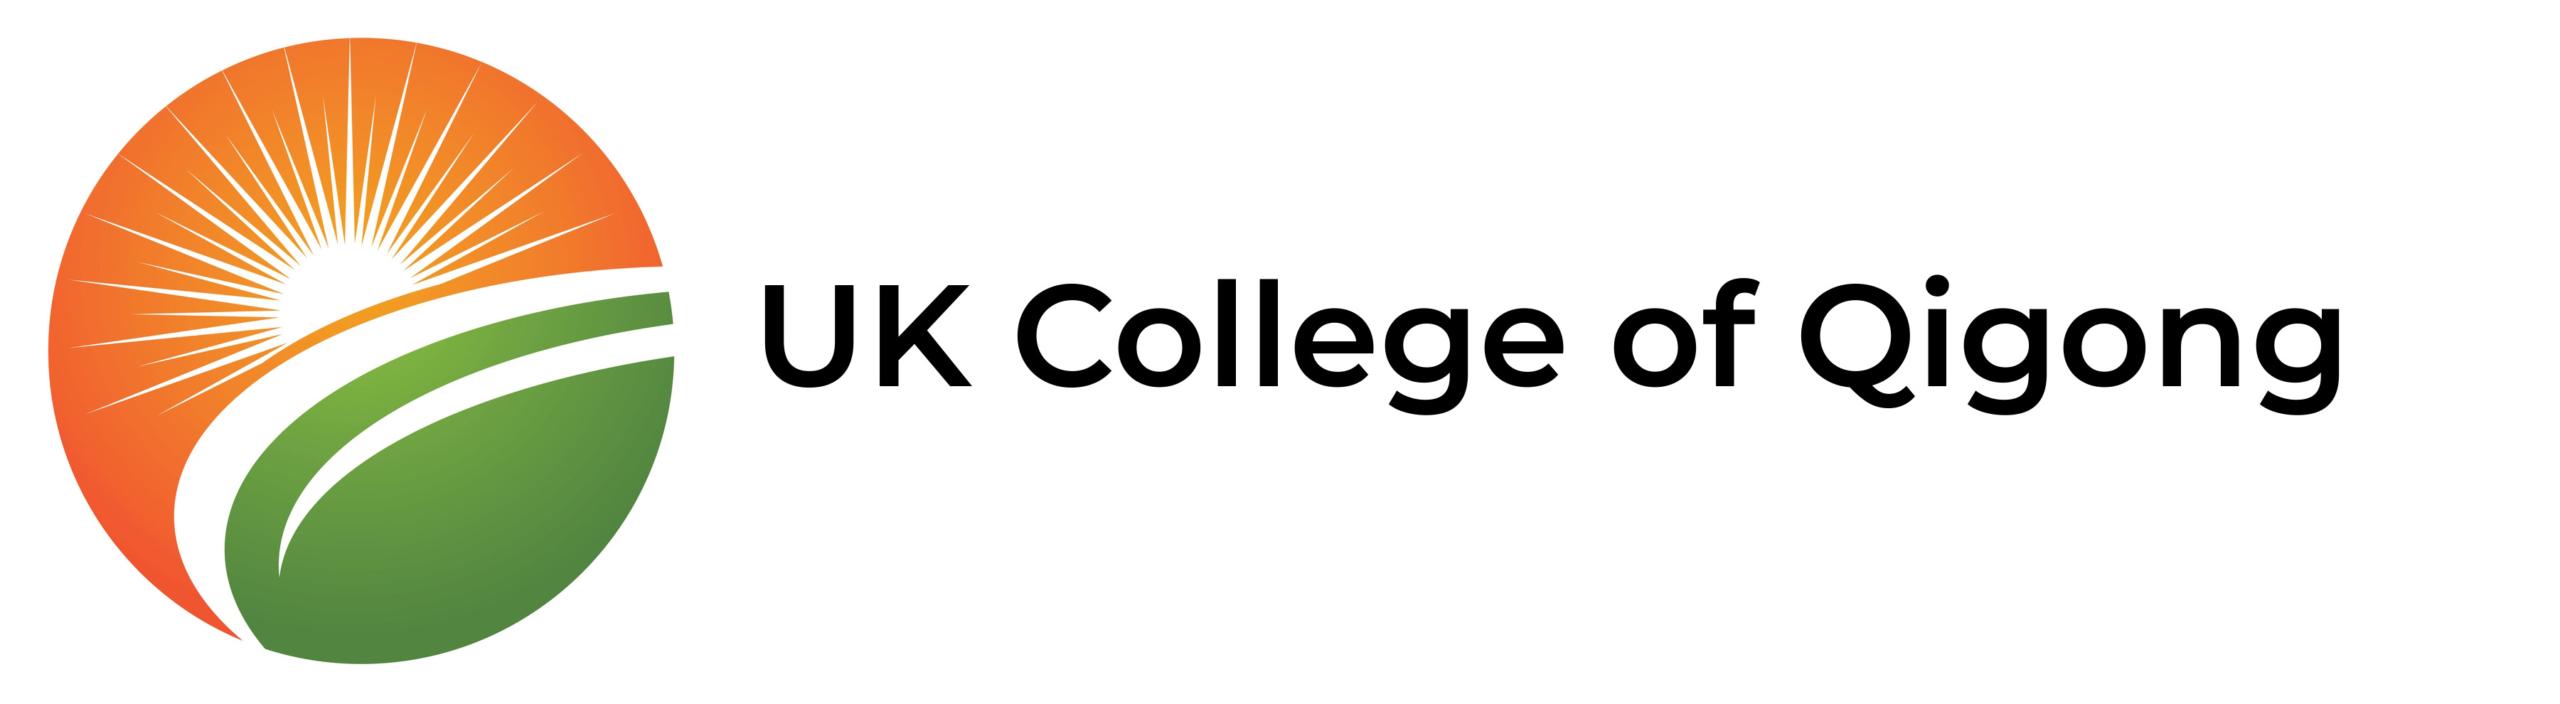 UK College of Qigong